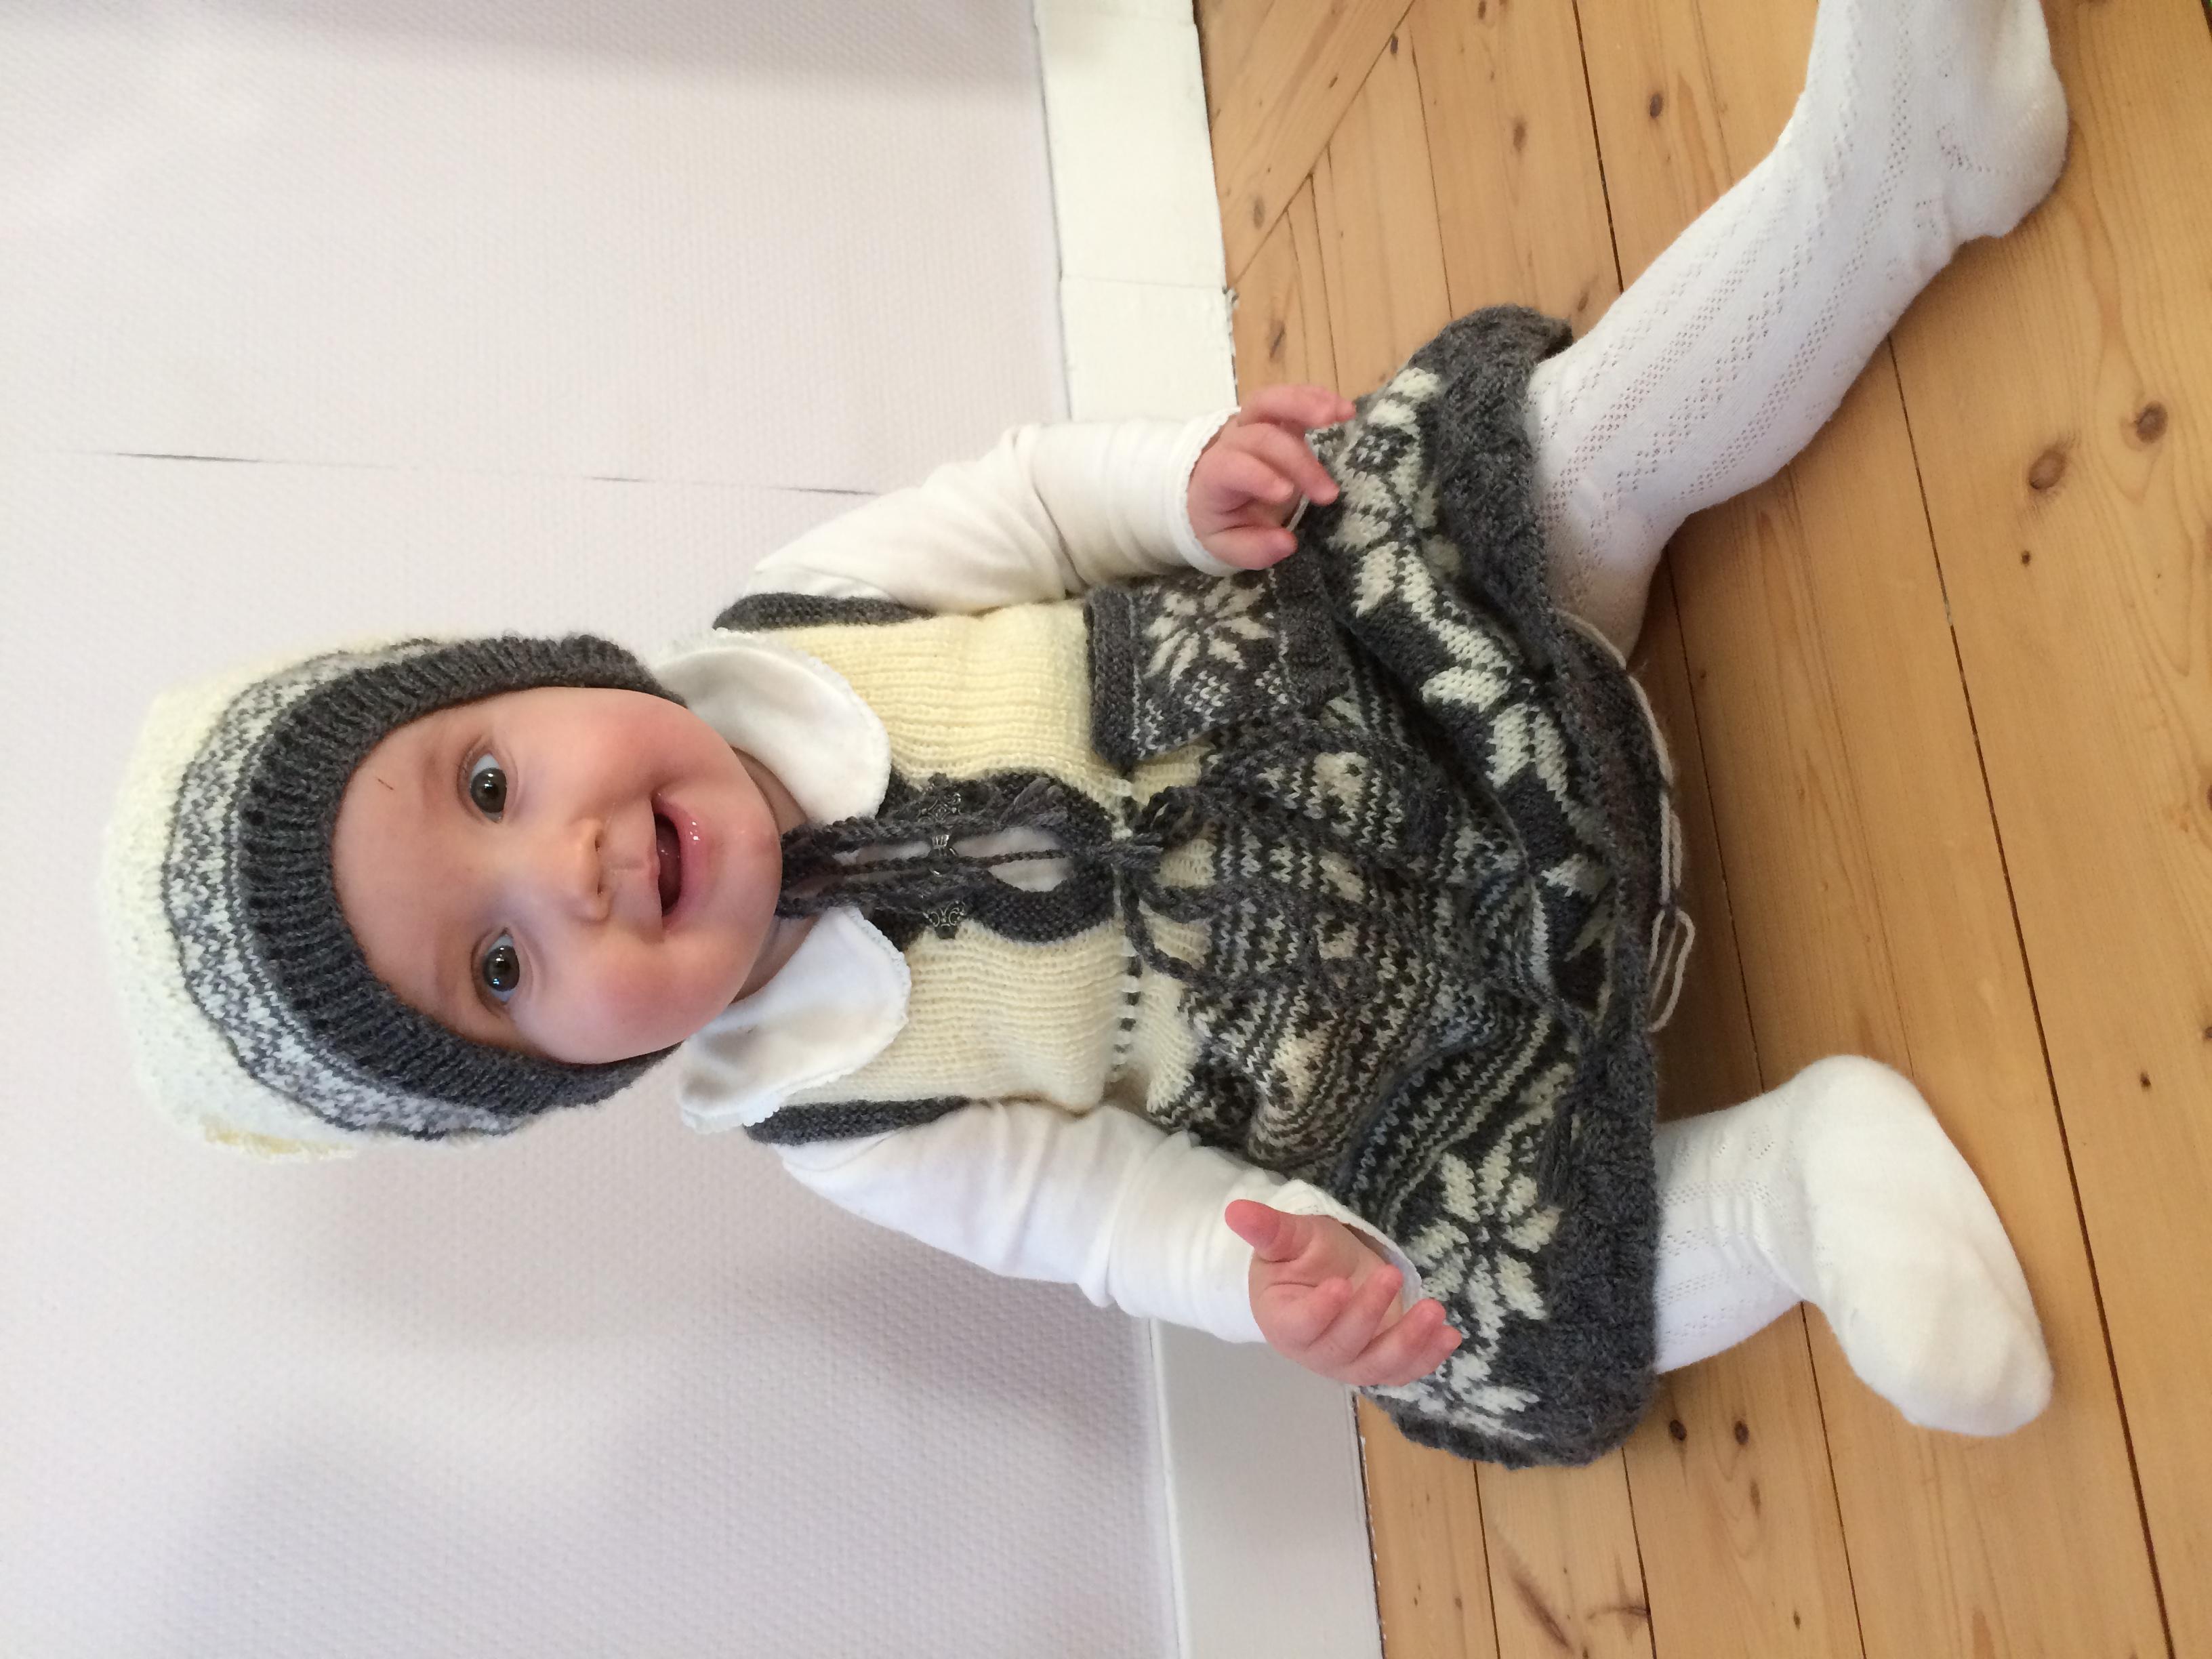 butik försäljning rabattkod stor rabatt Tips på mellanmål till 7 månaders bebis - 20 - Tips & råd - Barn ...